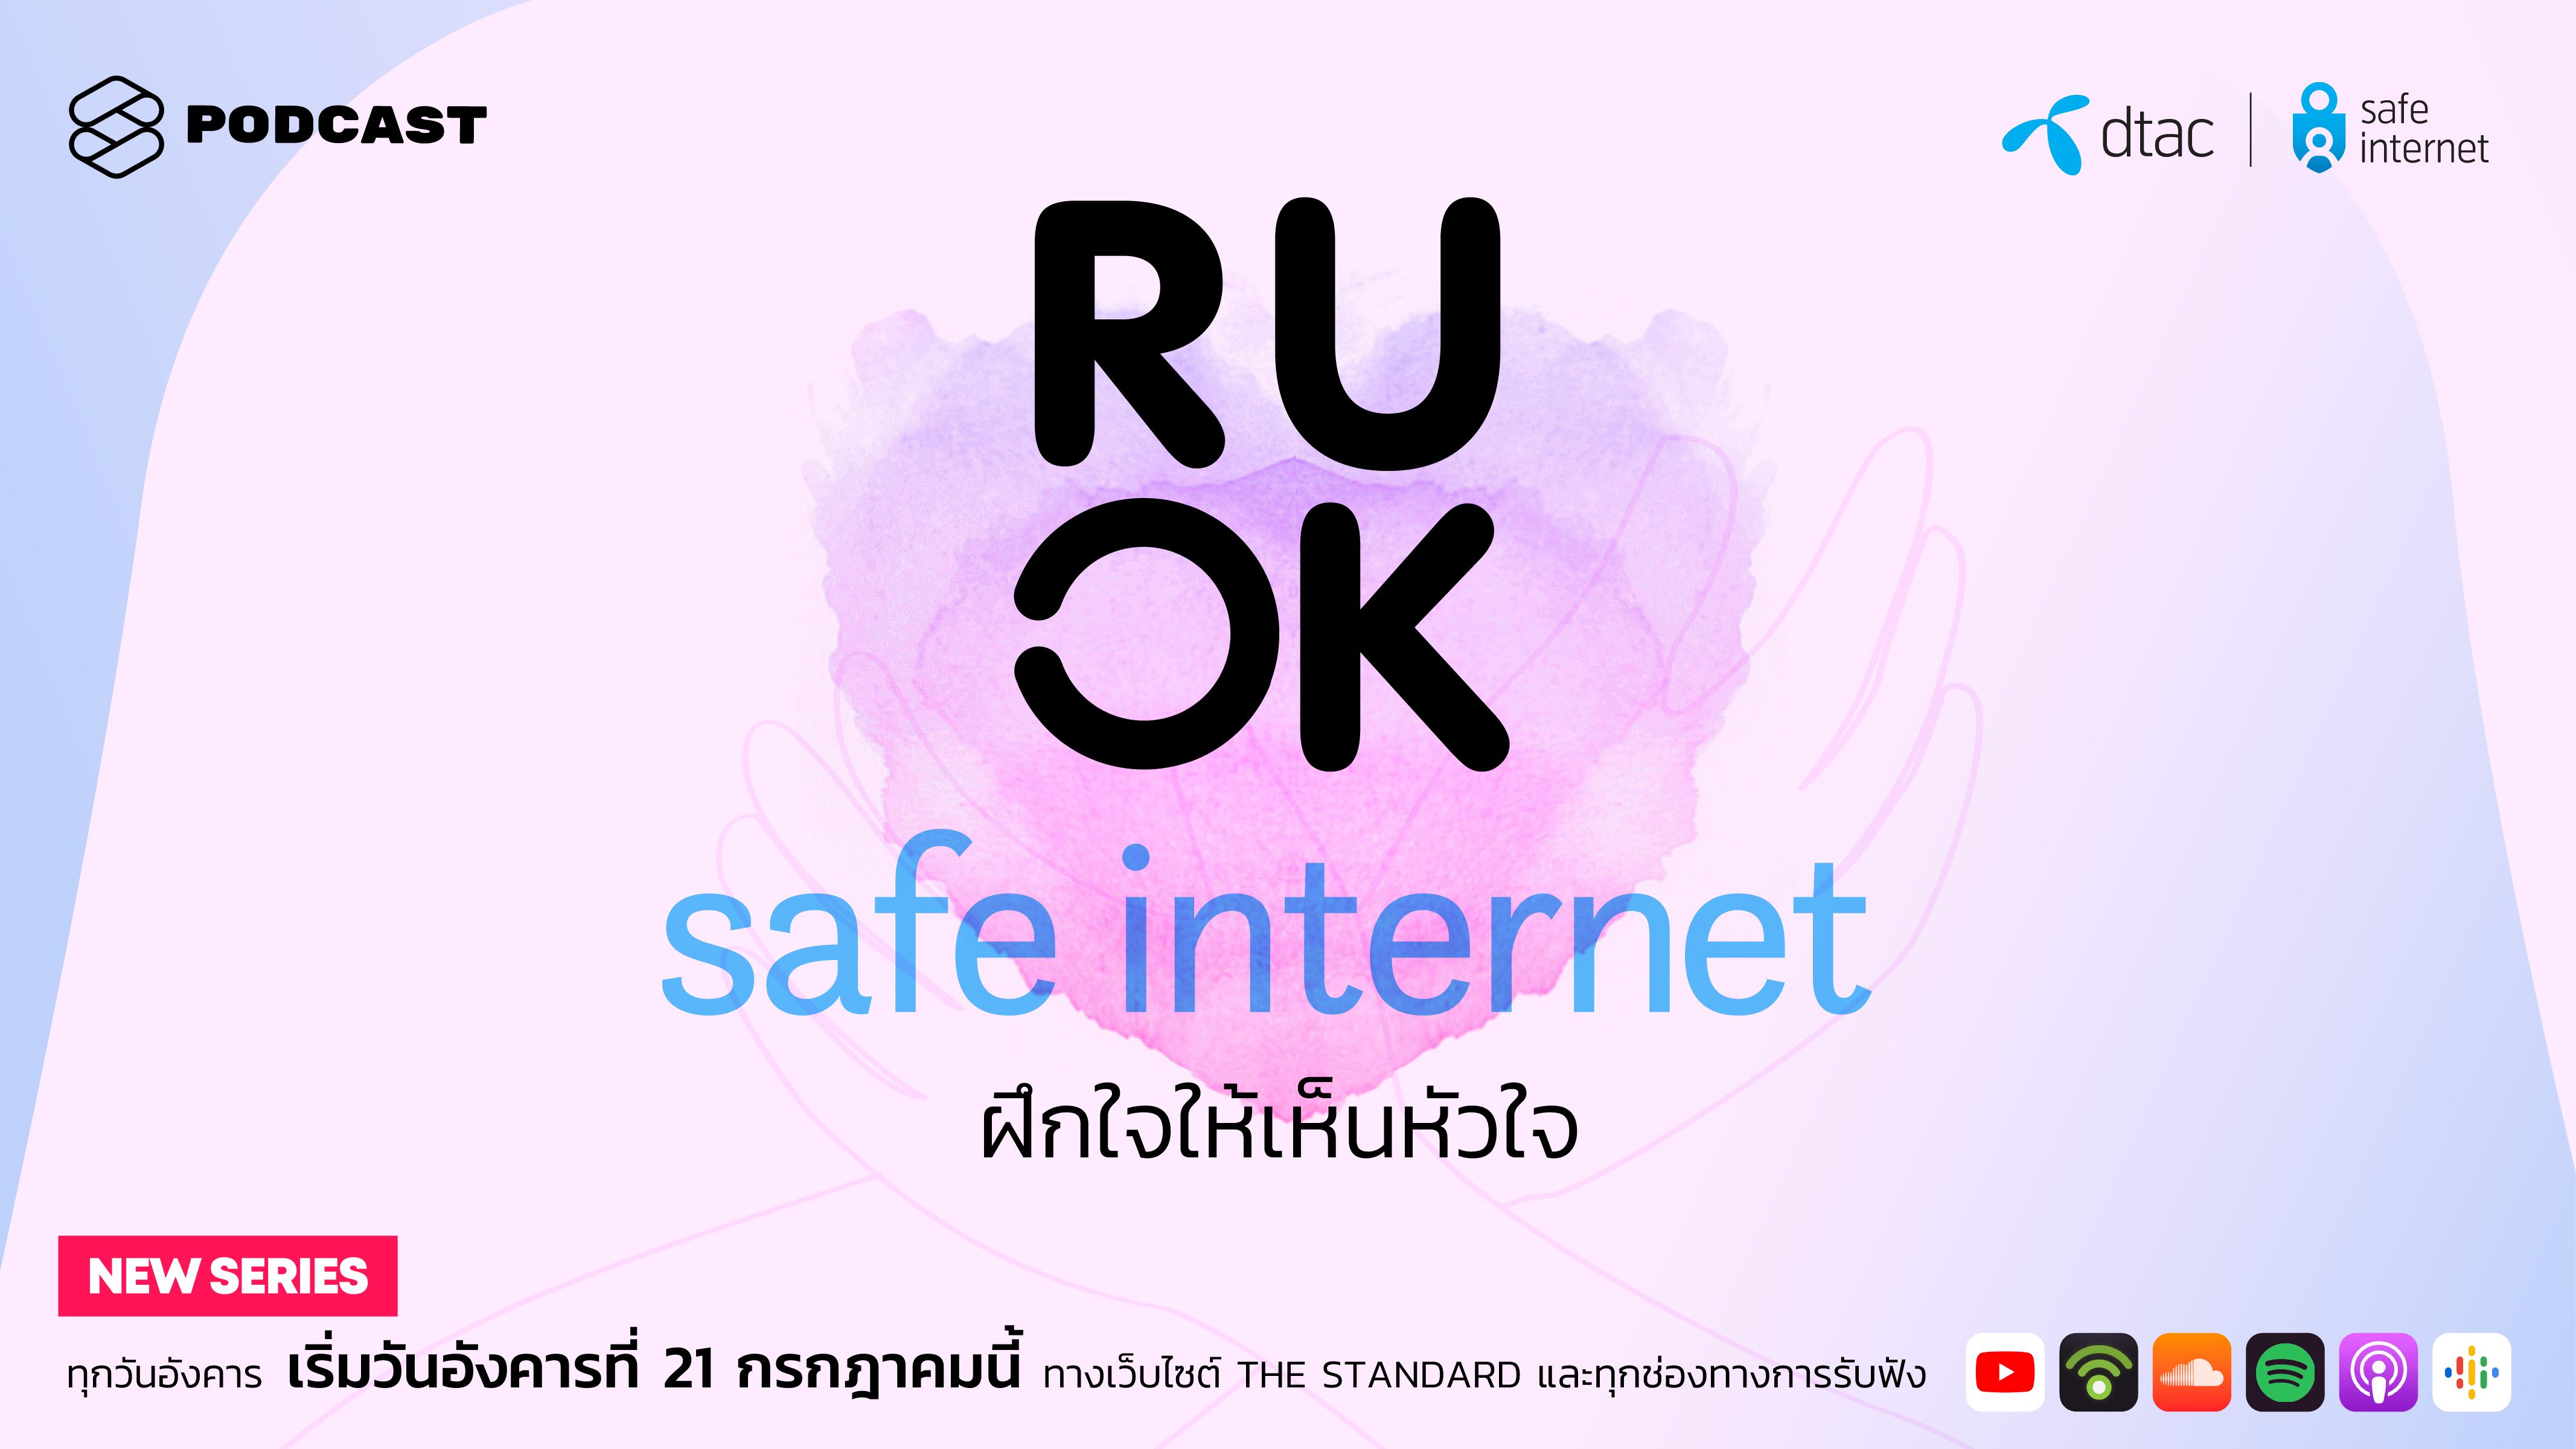 โครงการ dtac Safe Internet และพอดแคสต์สำรวจสุขภาพจิต R U OK ชวนเยาวชนไทยมาร่วม 'ฝึกใจให้เห็นหัวใจ' เพื่อสร้างภูมิคุ้มกันบนโลกออนไลน์